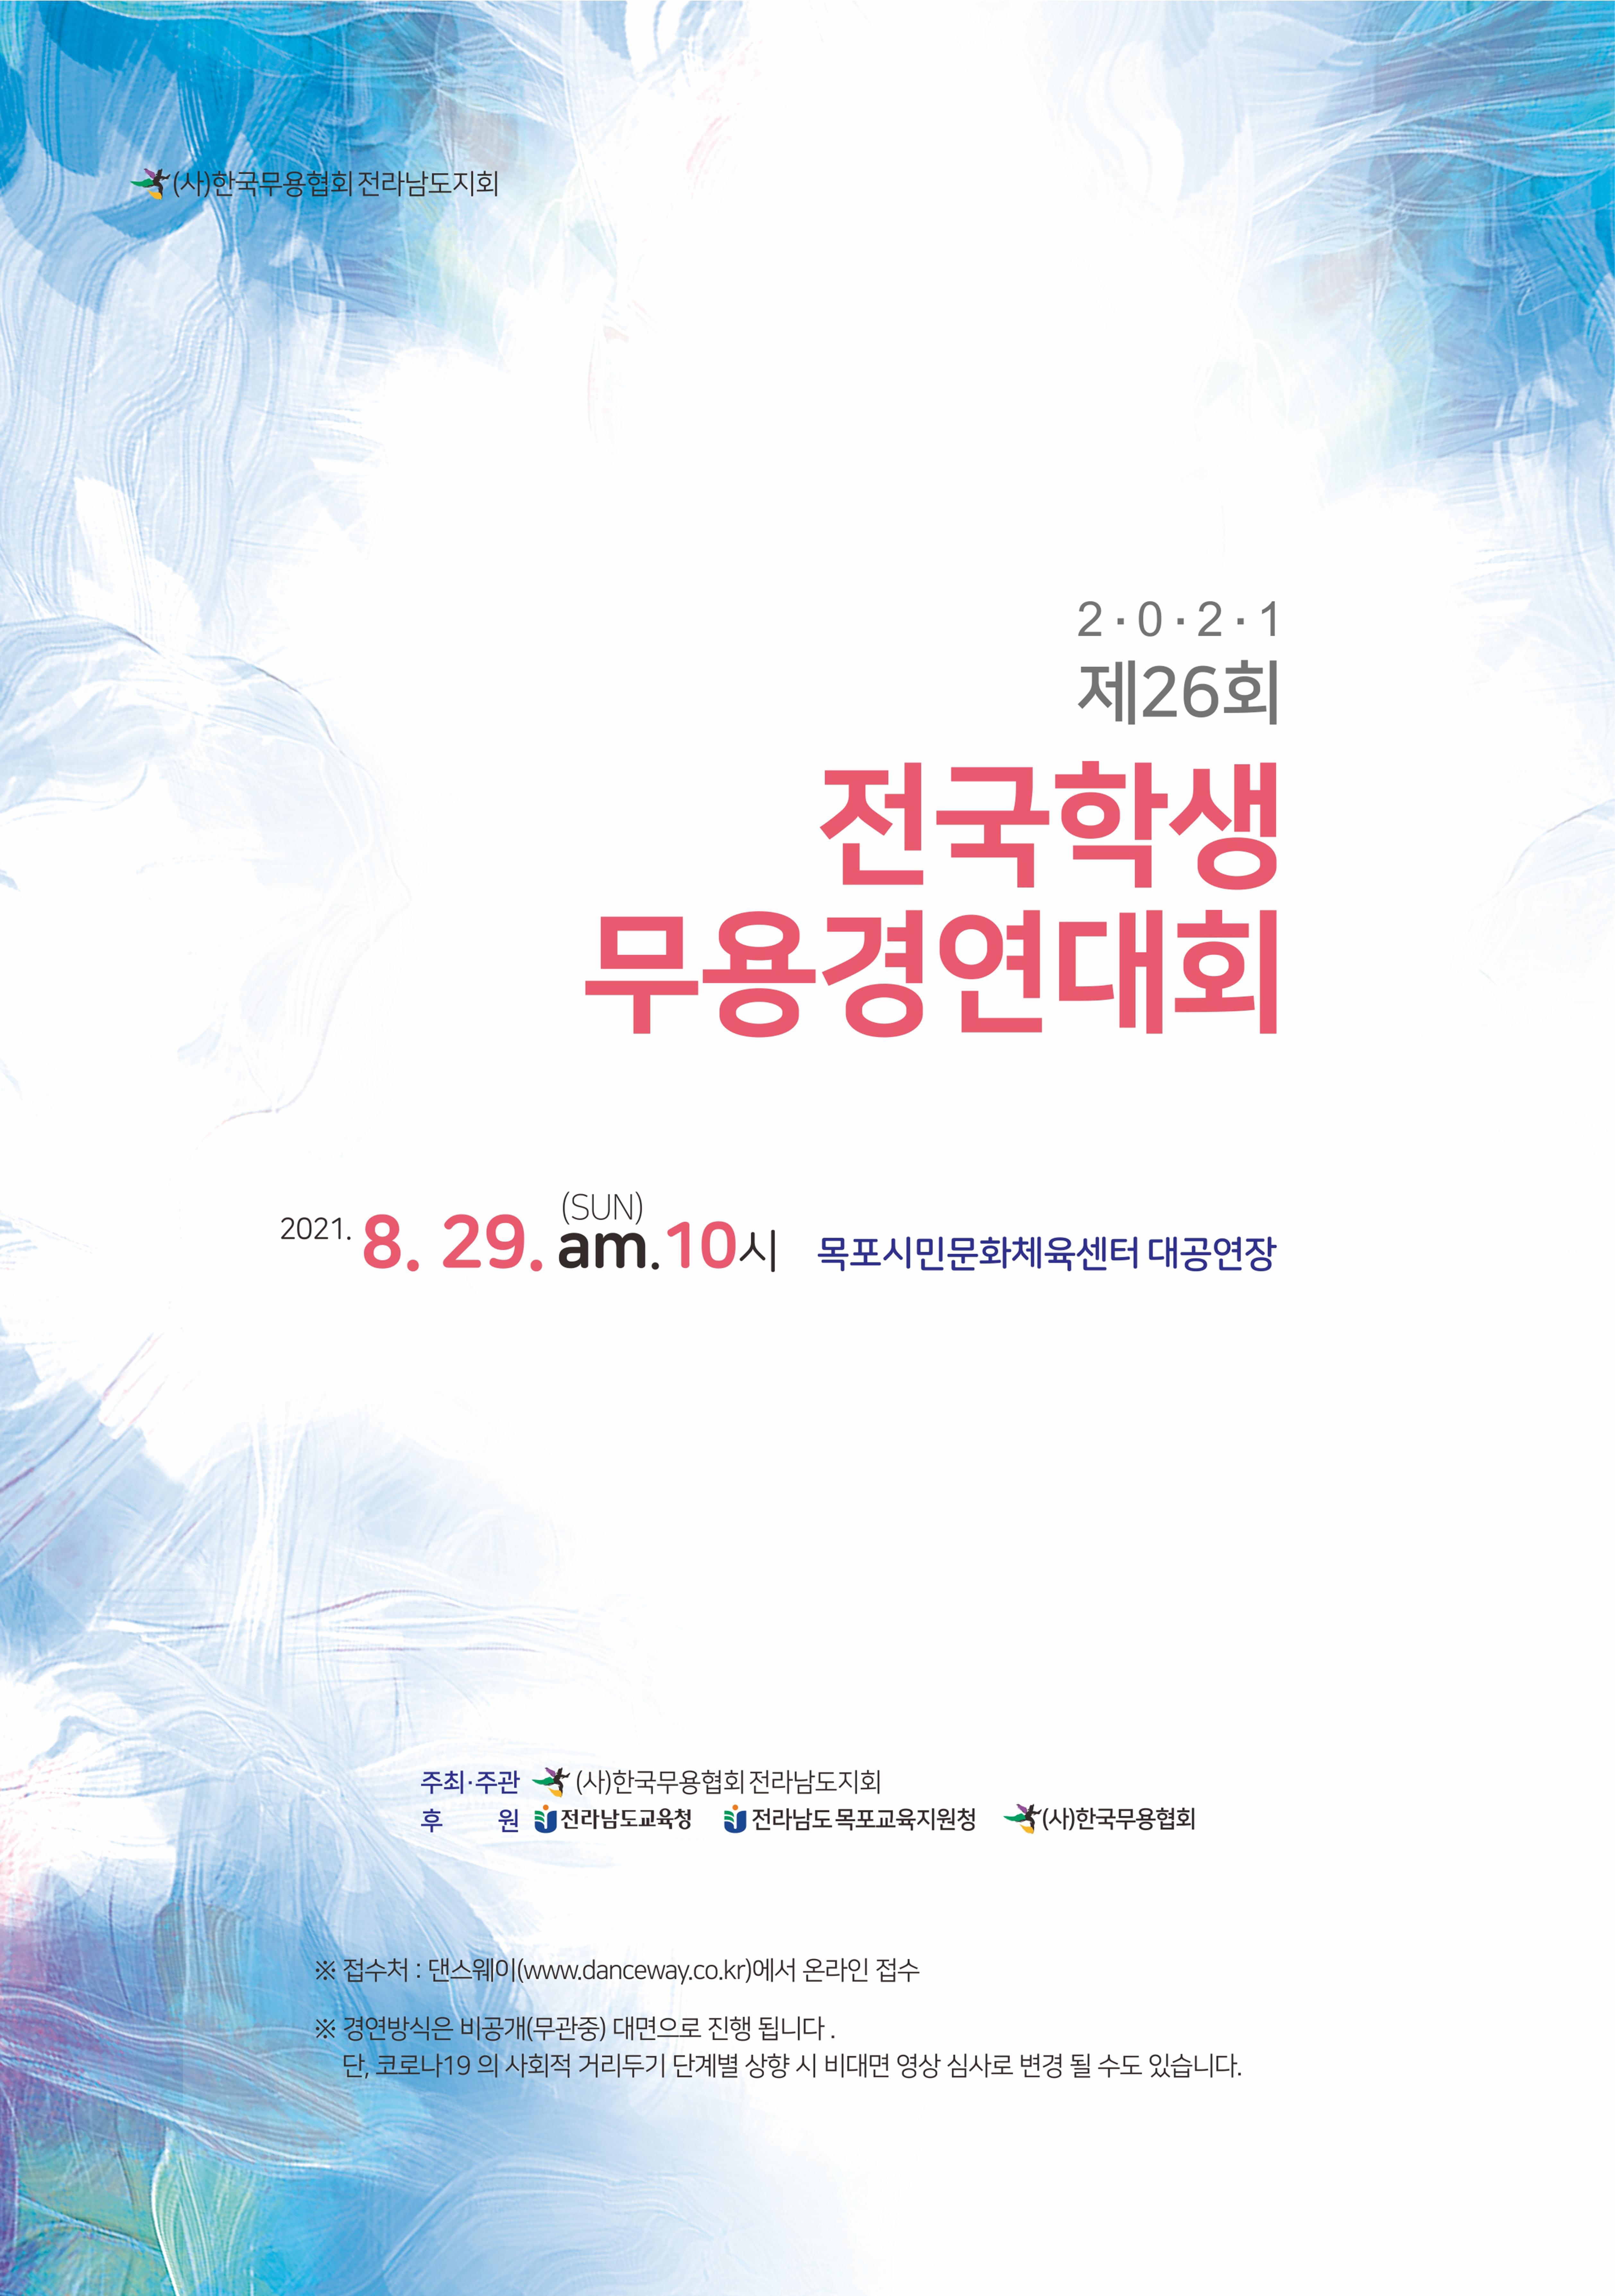 2021 제26회 전국학생 무용경연대회.jpg